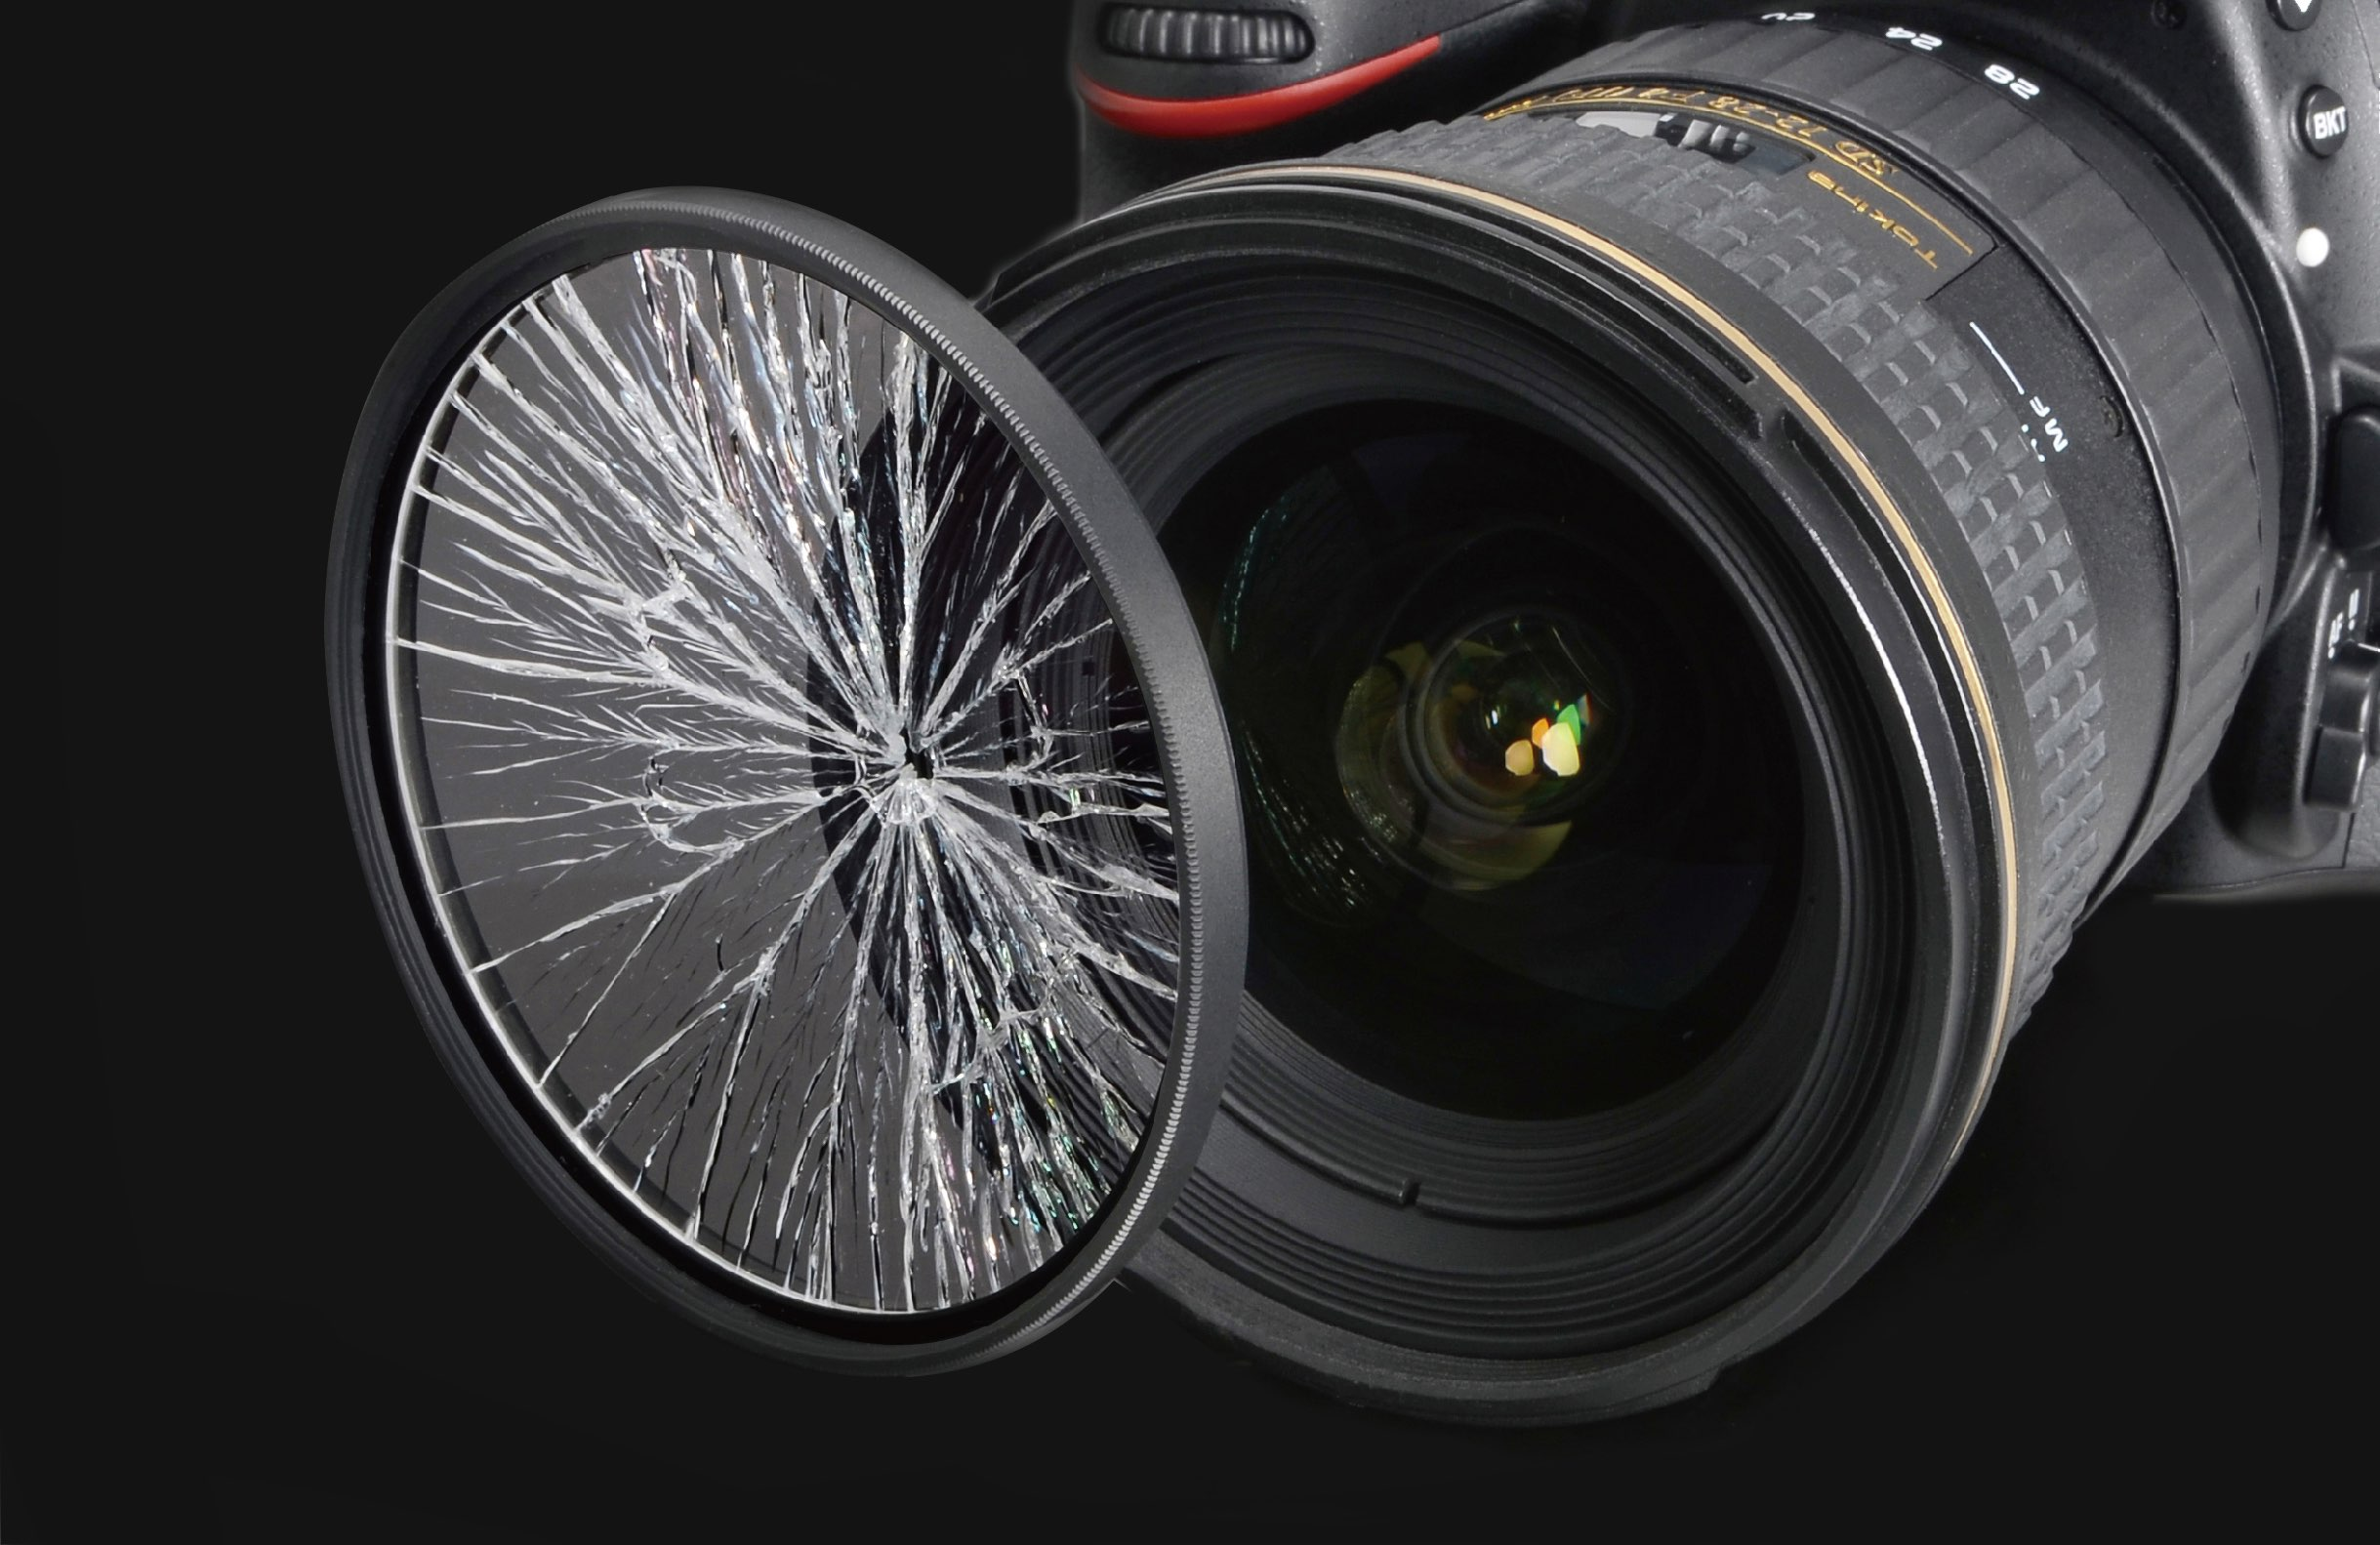 Image result for защитный фильтр на объектив